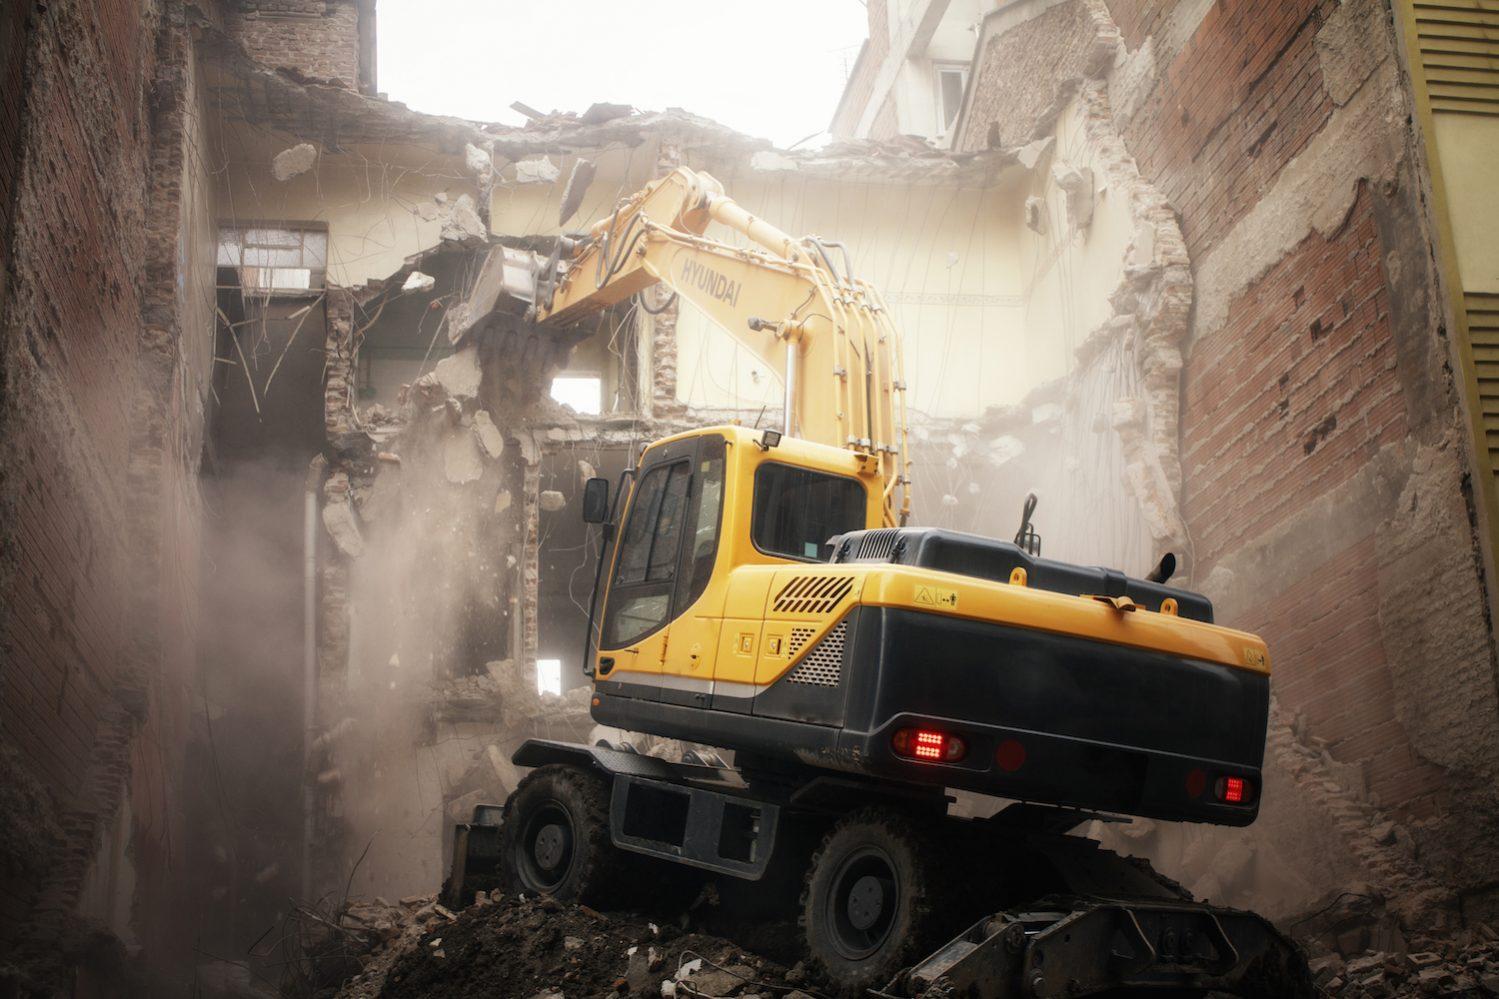 Yellow excavator demolishing abandoned brick building